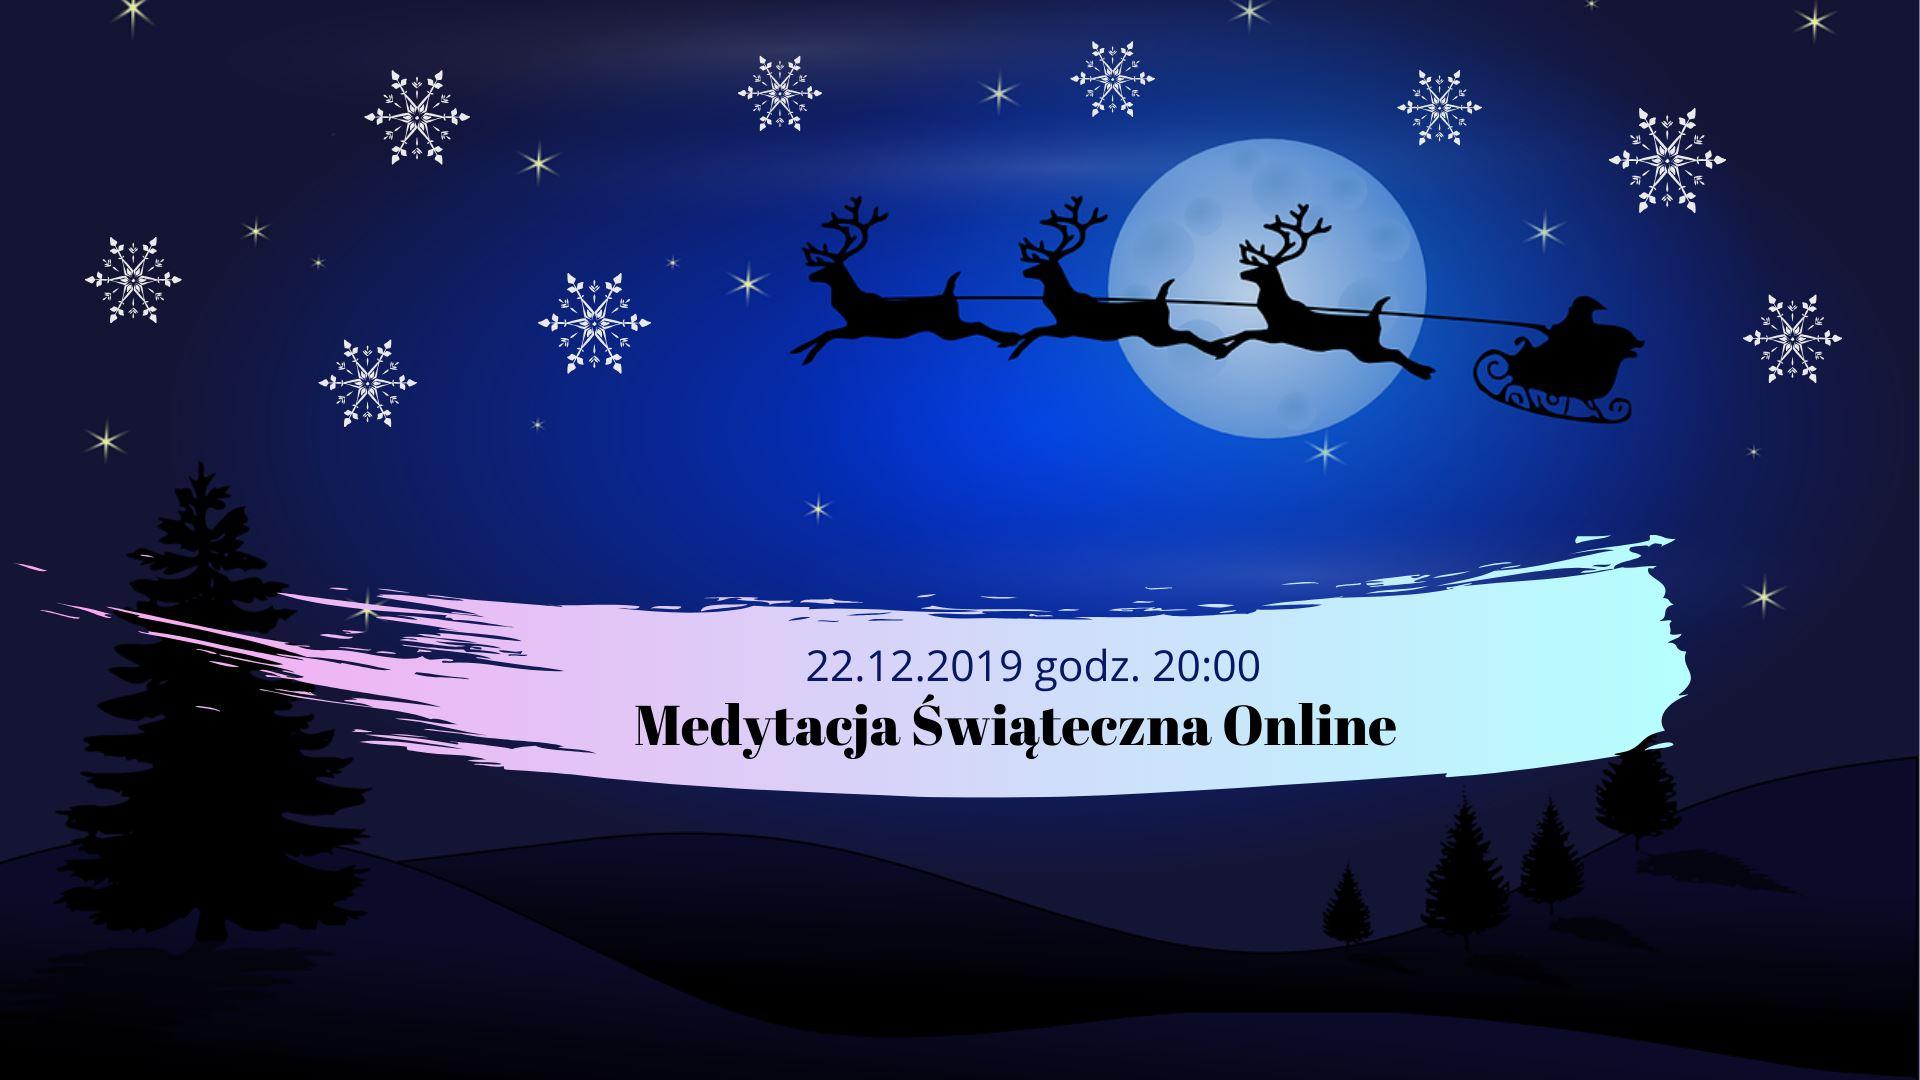 Medytacja Świąteczna Online - 22 grudnia